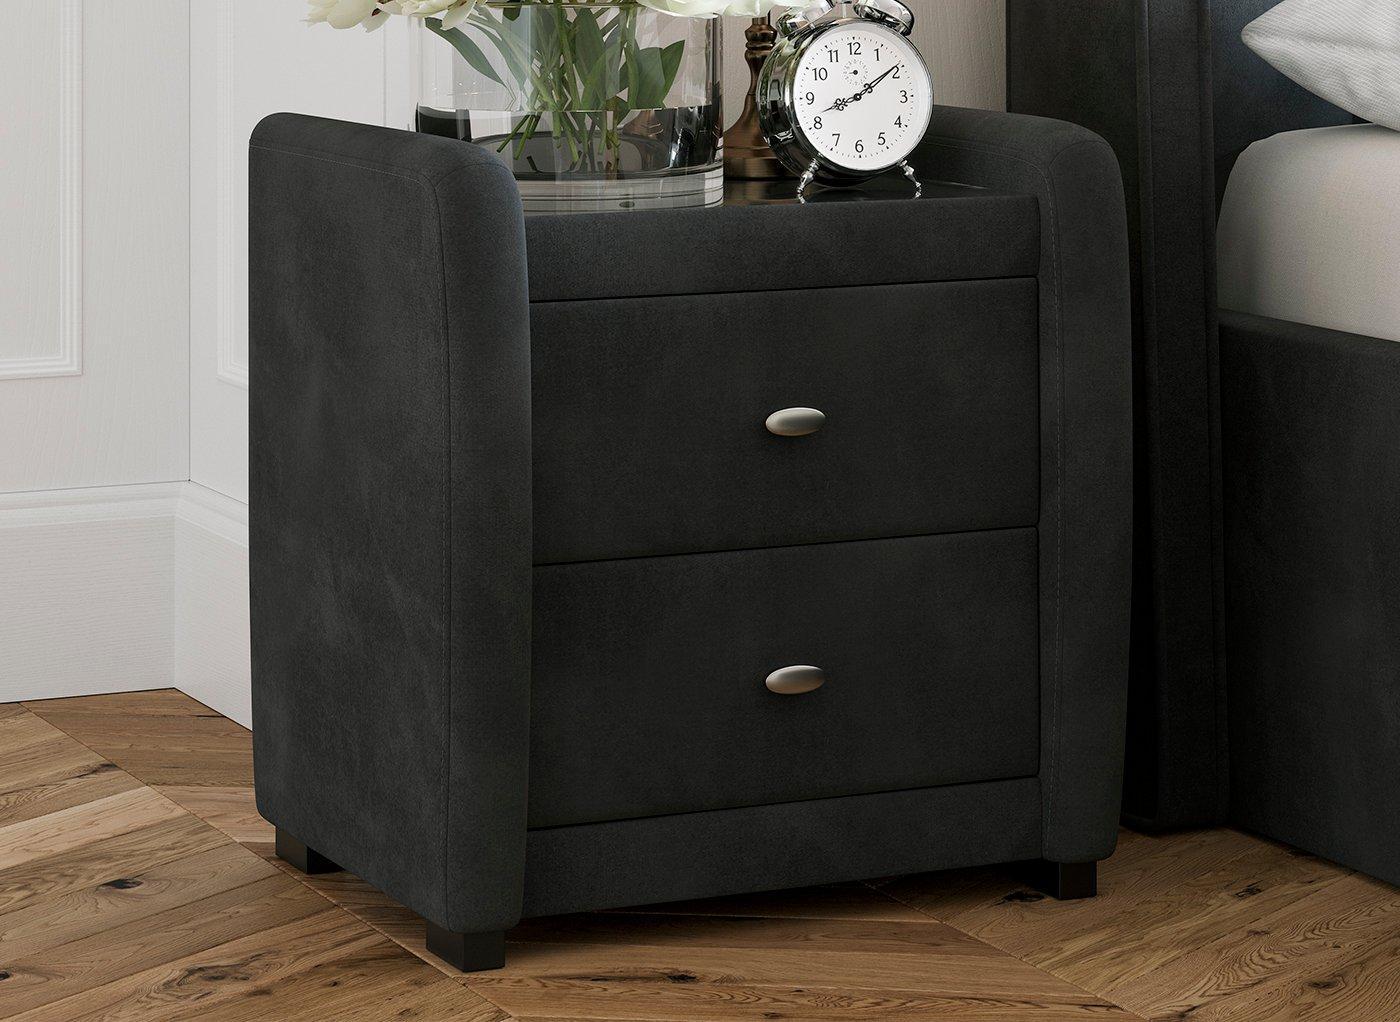 deacon-velvet-upholstered-2-drawer-bedside-chest-grey